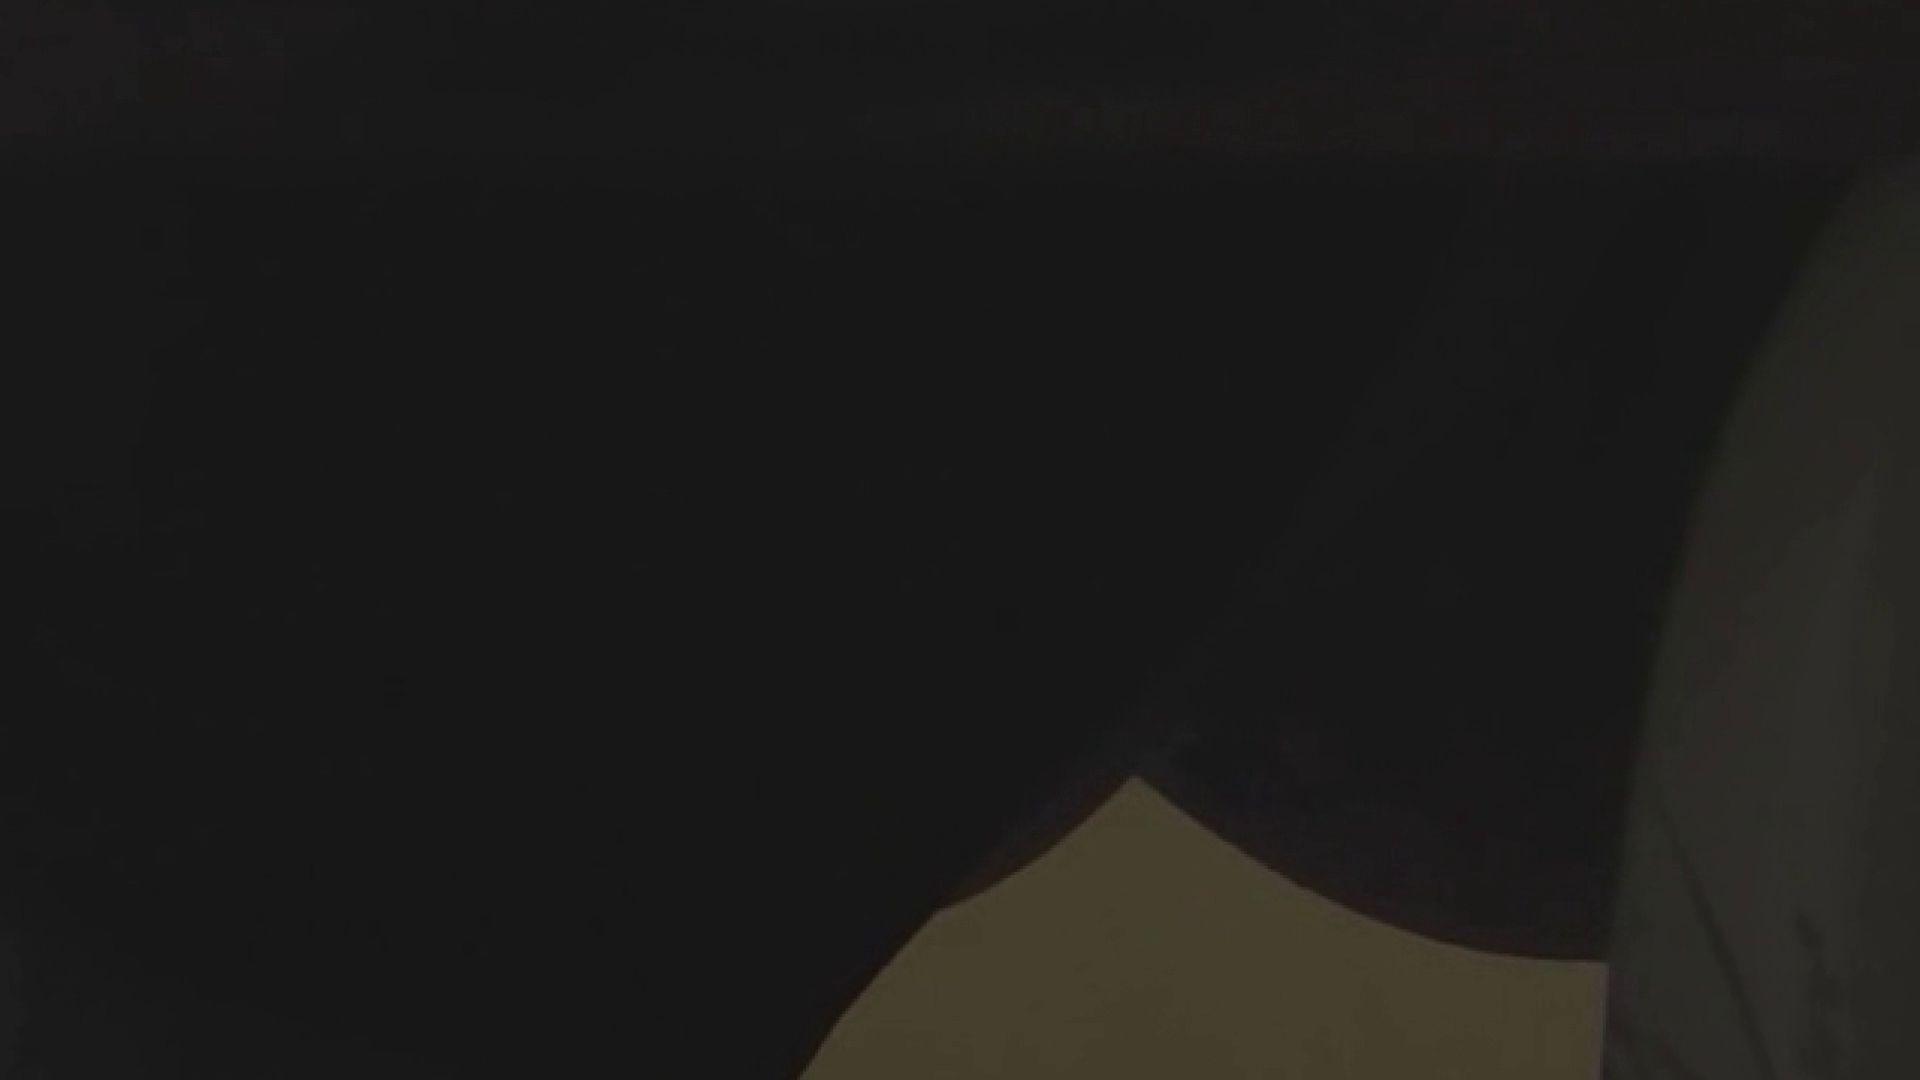 女子トイレ盗撮若い嬢編vol.04 エロいギャル AV動画キャプチャ 10枚 10